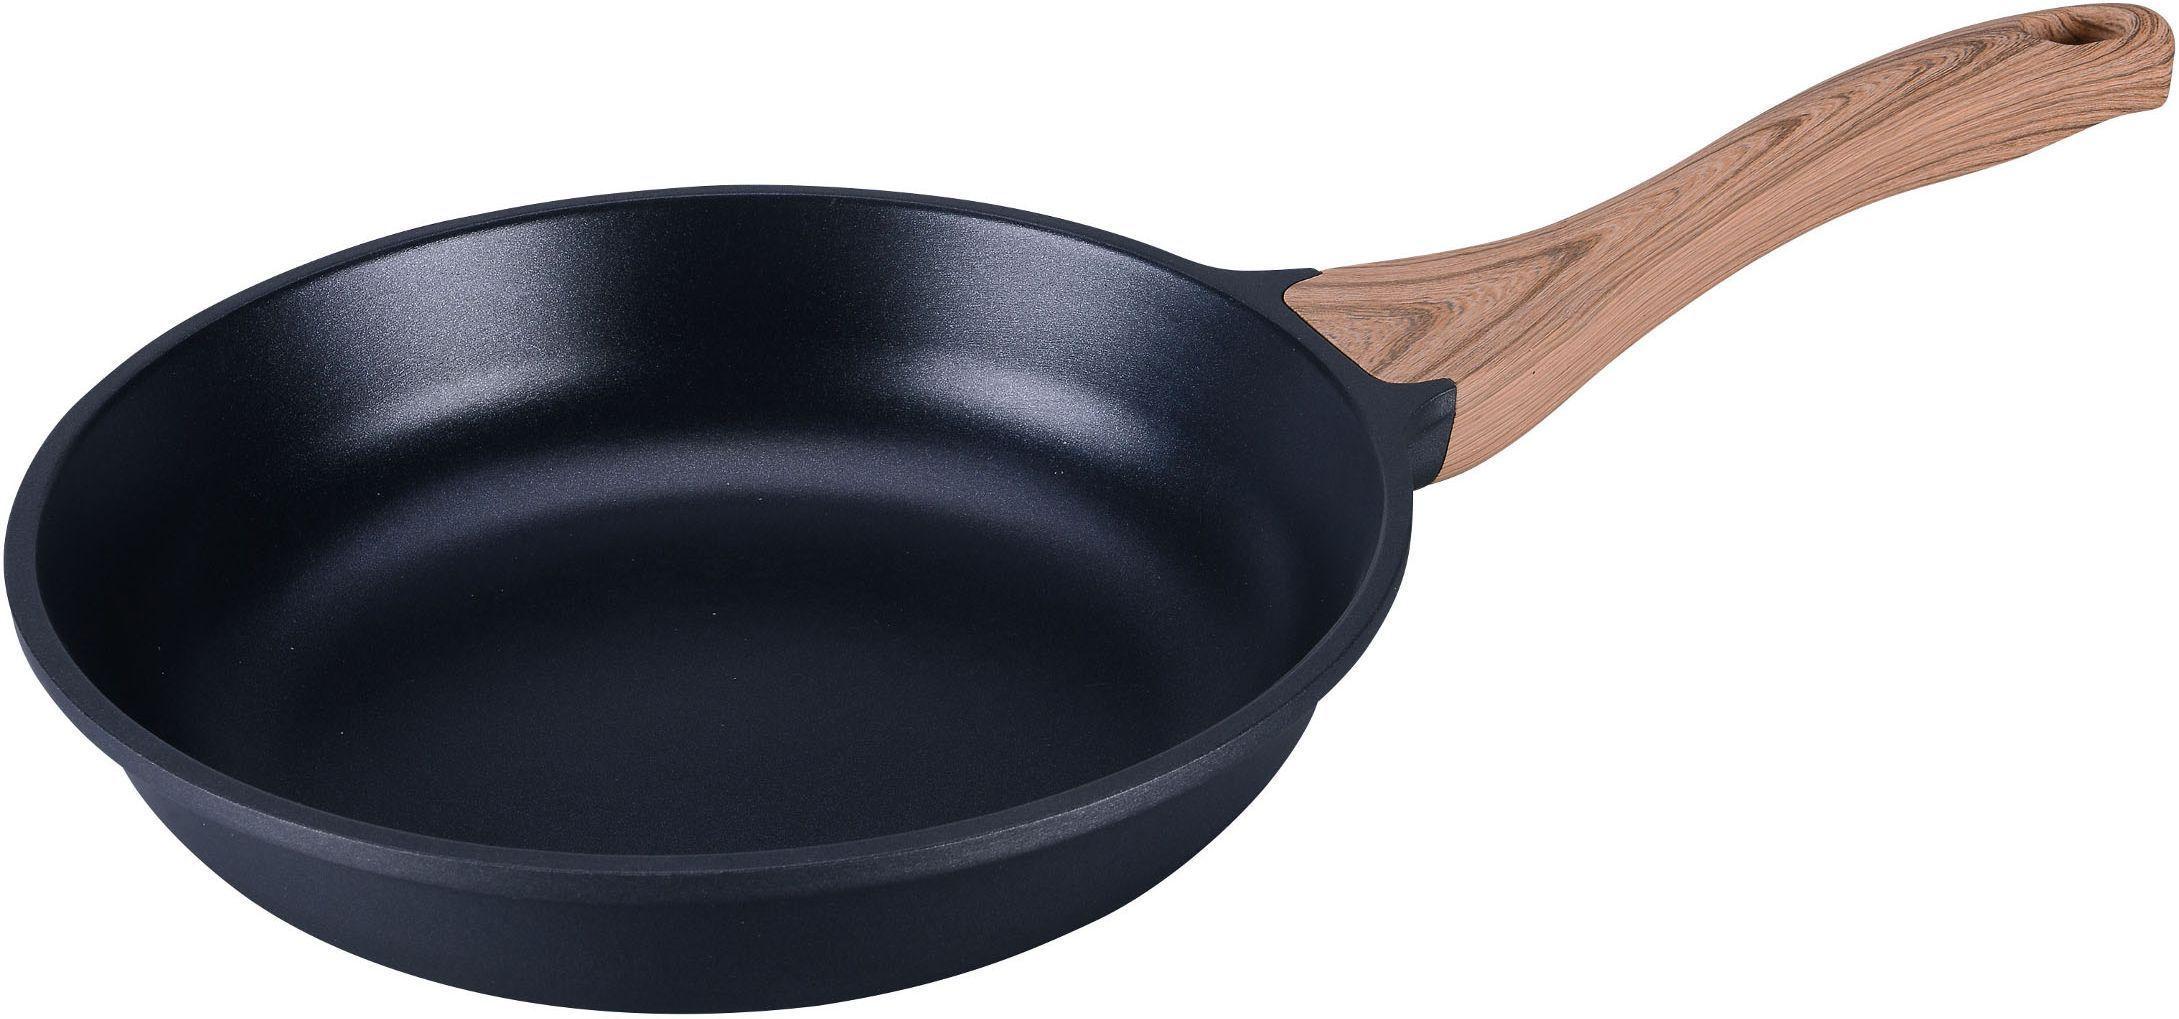 Сковорода SSW, с деревянной ручкой, 24 х 5,5 см. 316524316524Сковорода SSW изготовлена из высококачественного алюминия с внутренним антипригарным покрытием. Покрытие не оставляет послевкусия, делает возможным приготовление блюд без масла, сохраняет витамины и питательные вещества. Удобная деревянная ручка не нагревается во время приготовления пищи. Сковорода пригодна для использования на всех типах плит, в том числе индукционных. Подходит для чистки в посудомоечной машине. При мытье не использовать абразивные моющие изделия и средства.